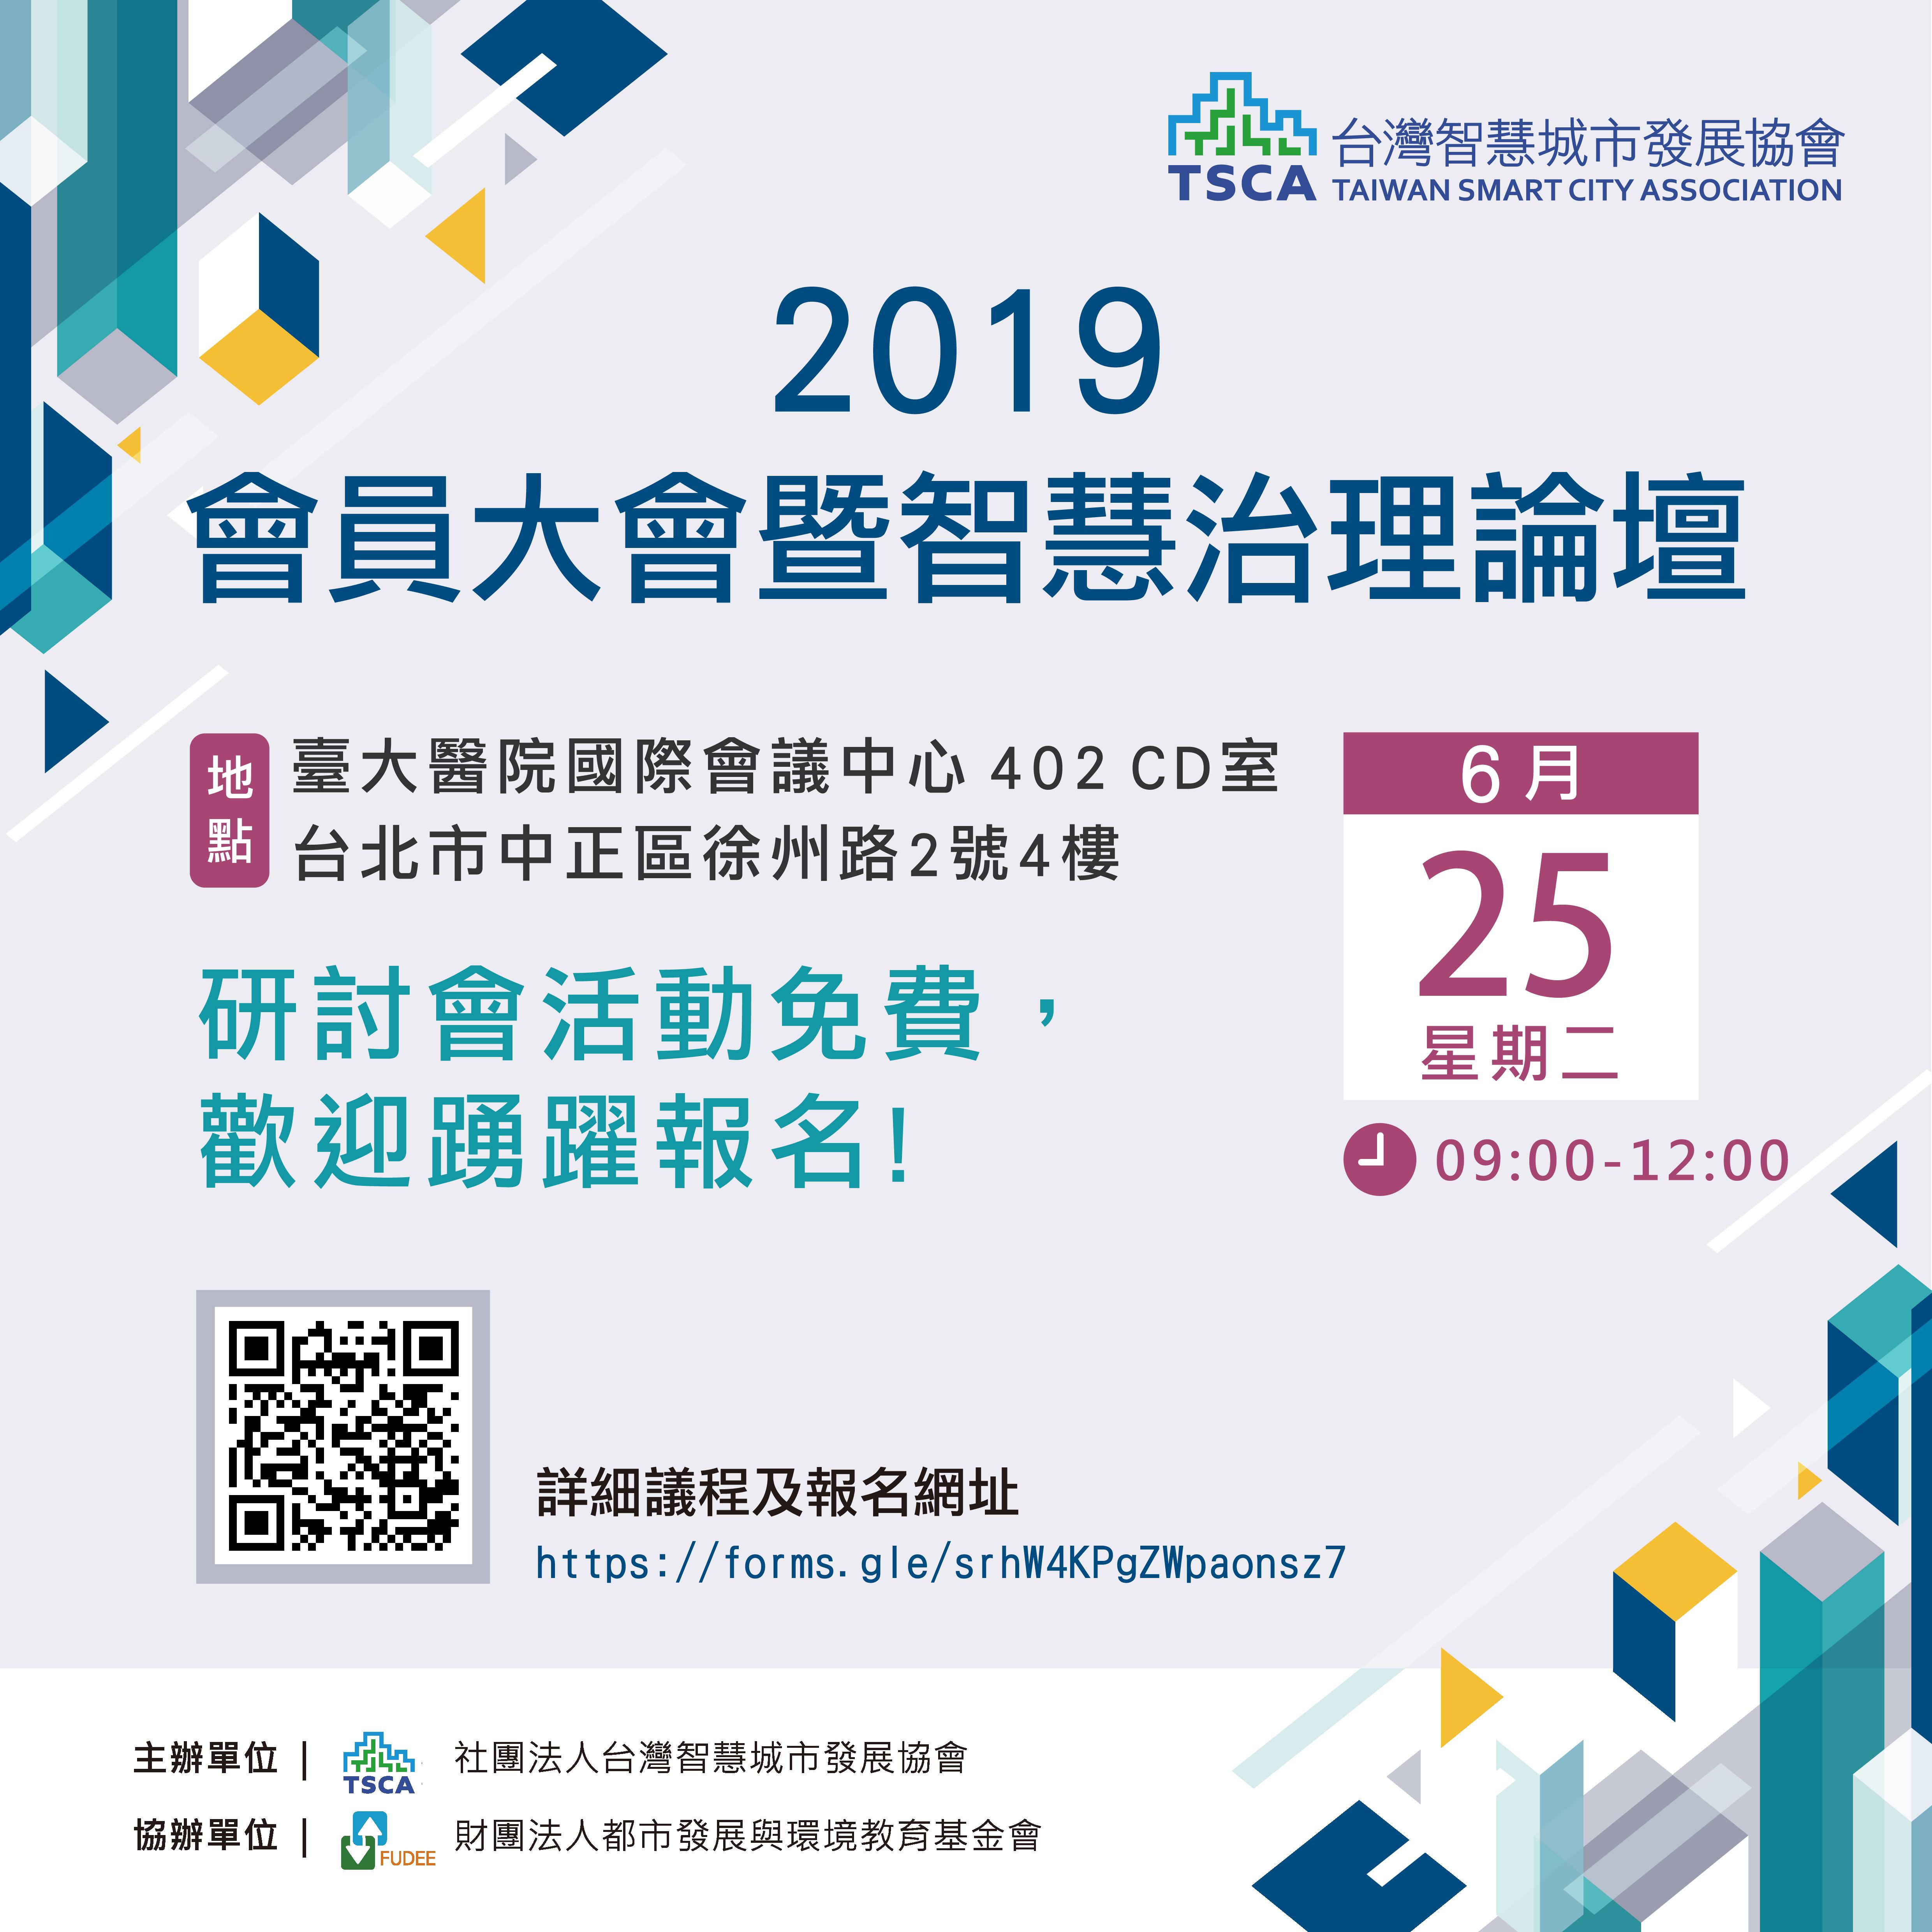 社團法人台灣智慧城市發展協會「第二屆第一次會員大會暨研討會」